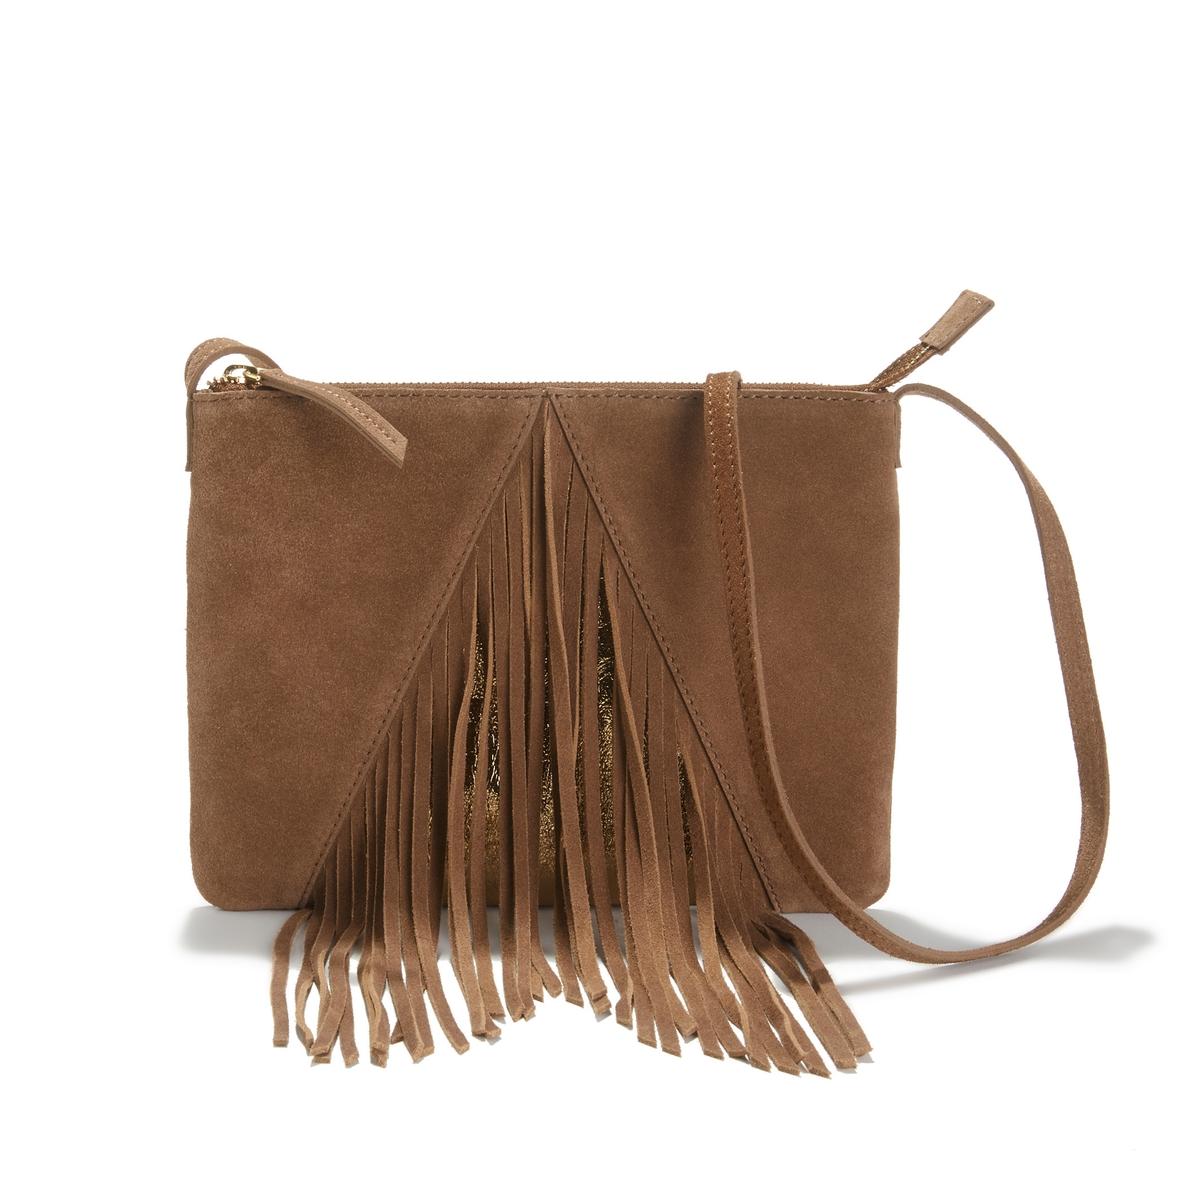 Сумка-клатч La Redoute Из кожи с бахромой UNI каштановый сумка клатч la redoute с помпонами uni черный